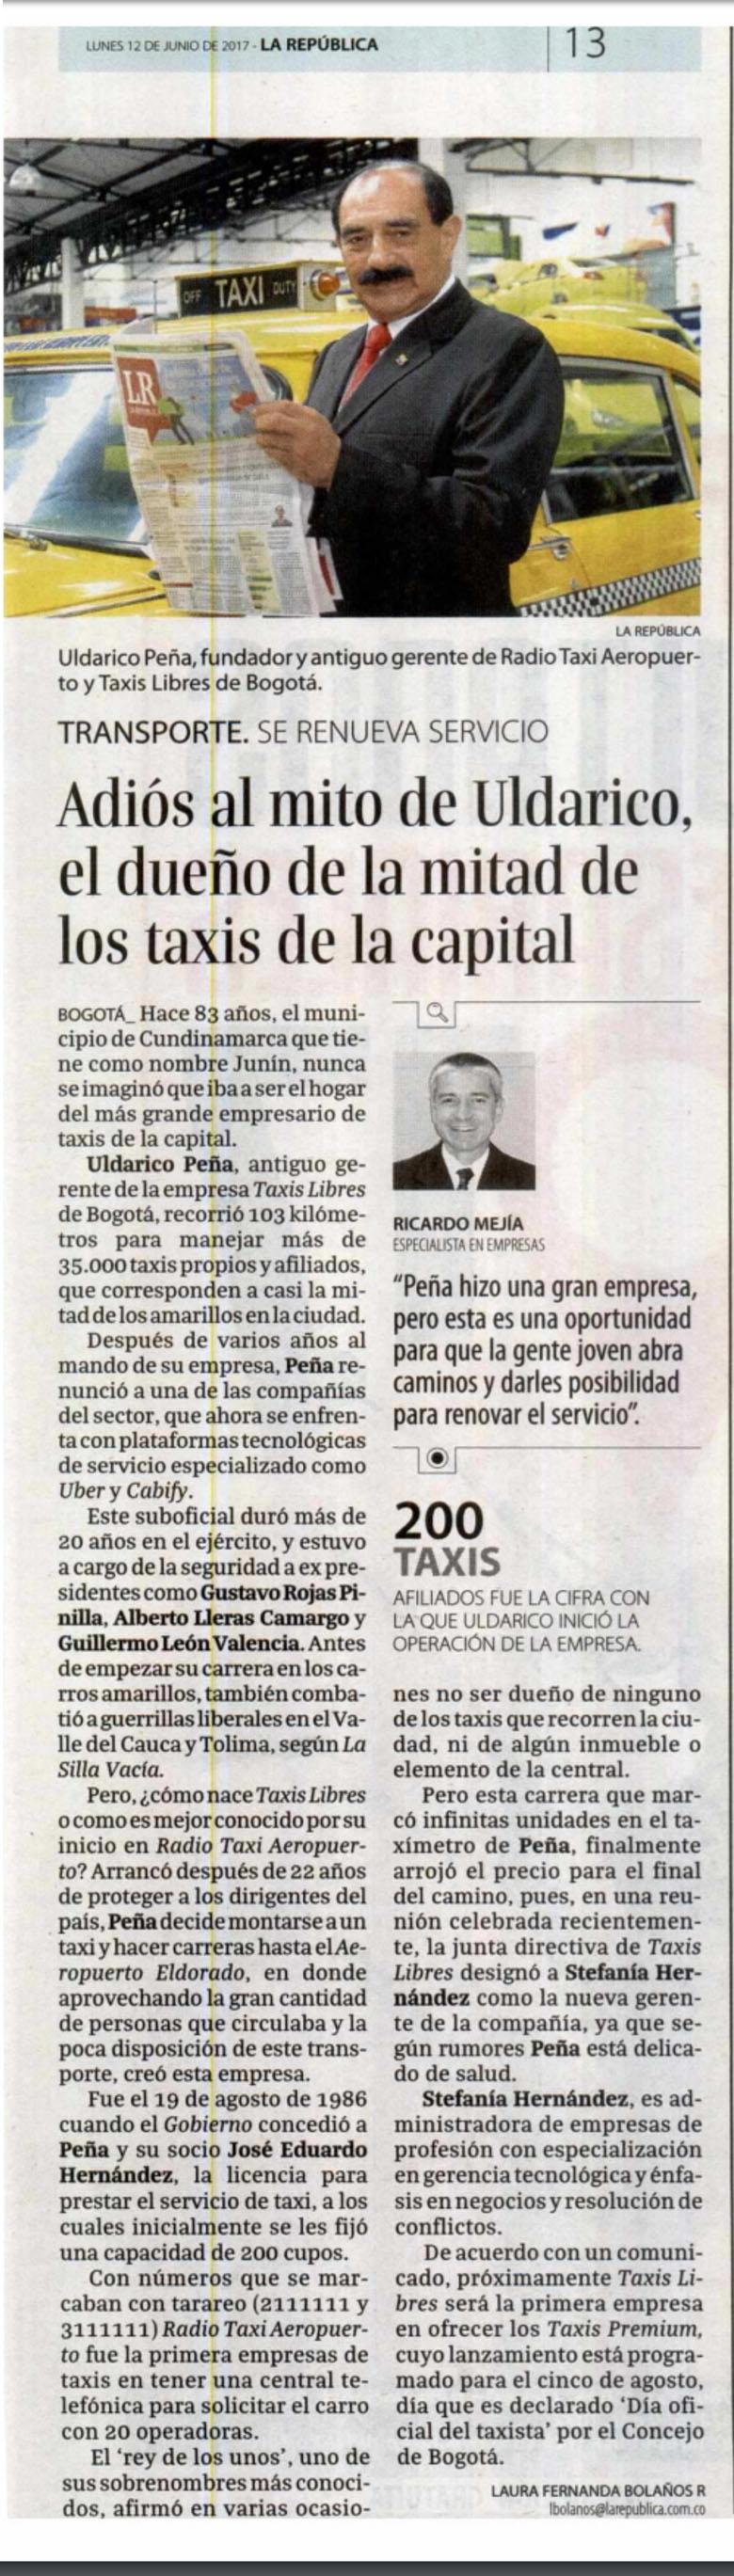 La República empresas 12 de junio